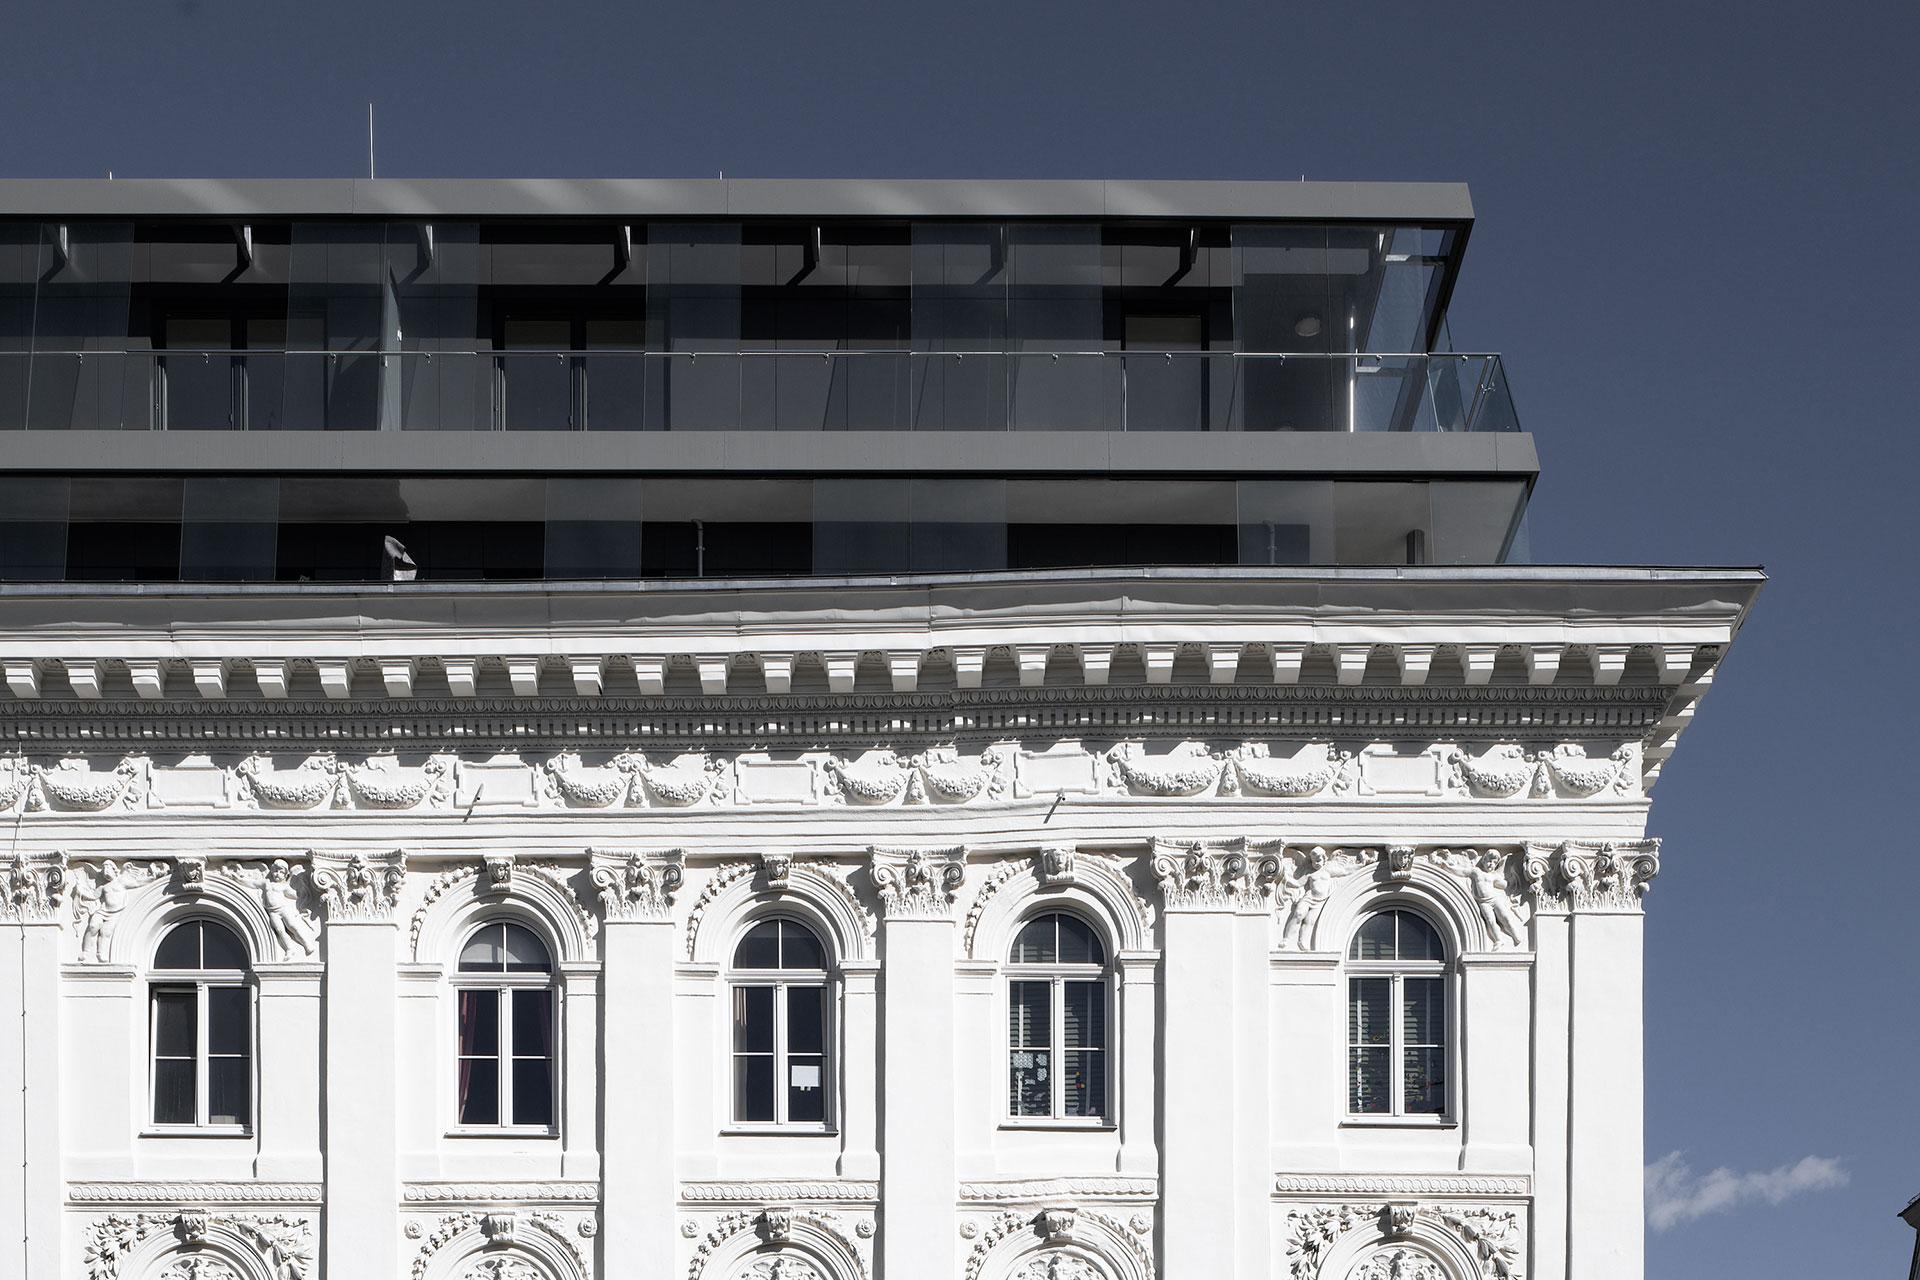 AVEST - Immobilie in der Börsegasse 10, 1010 Wien. Blick auf den Dachgeschoßausbau